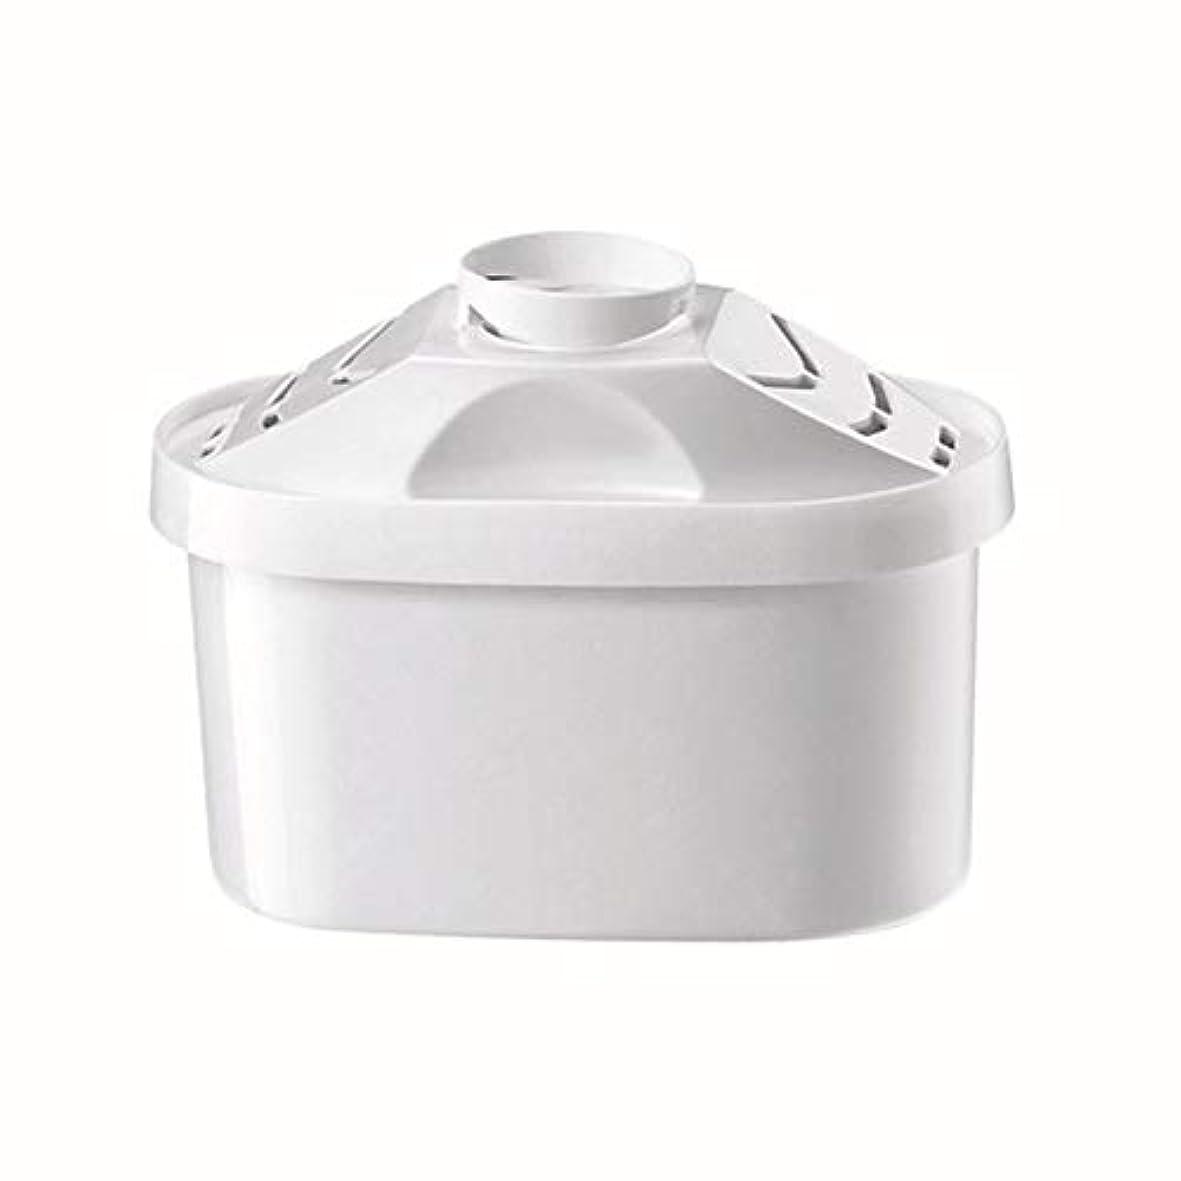 Saikogoods ブリタの水のピッチャーのためのケトルフィルター 活性炭 水フィルターカートリッジ 健康的なクリーンデバイスを 精製 白